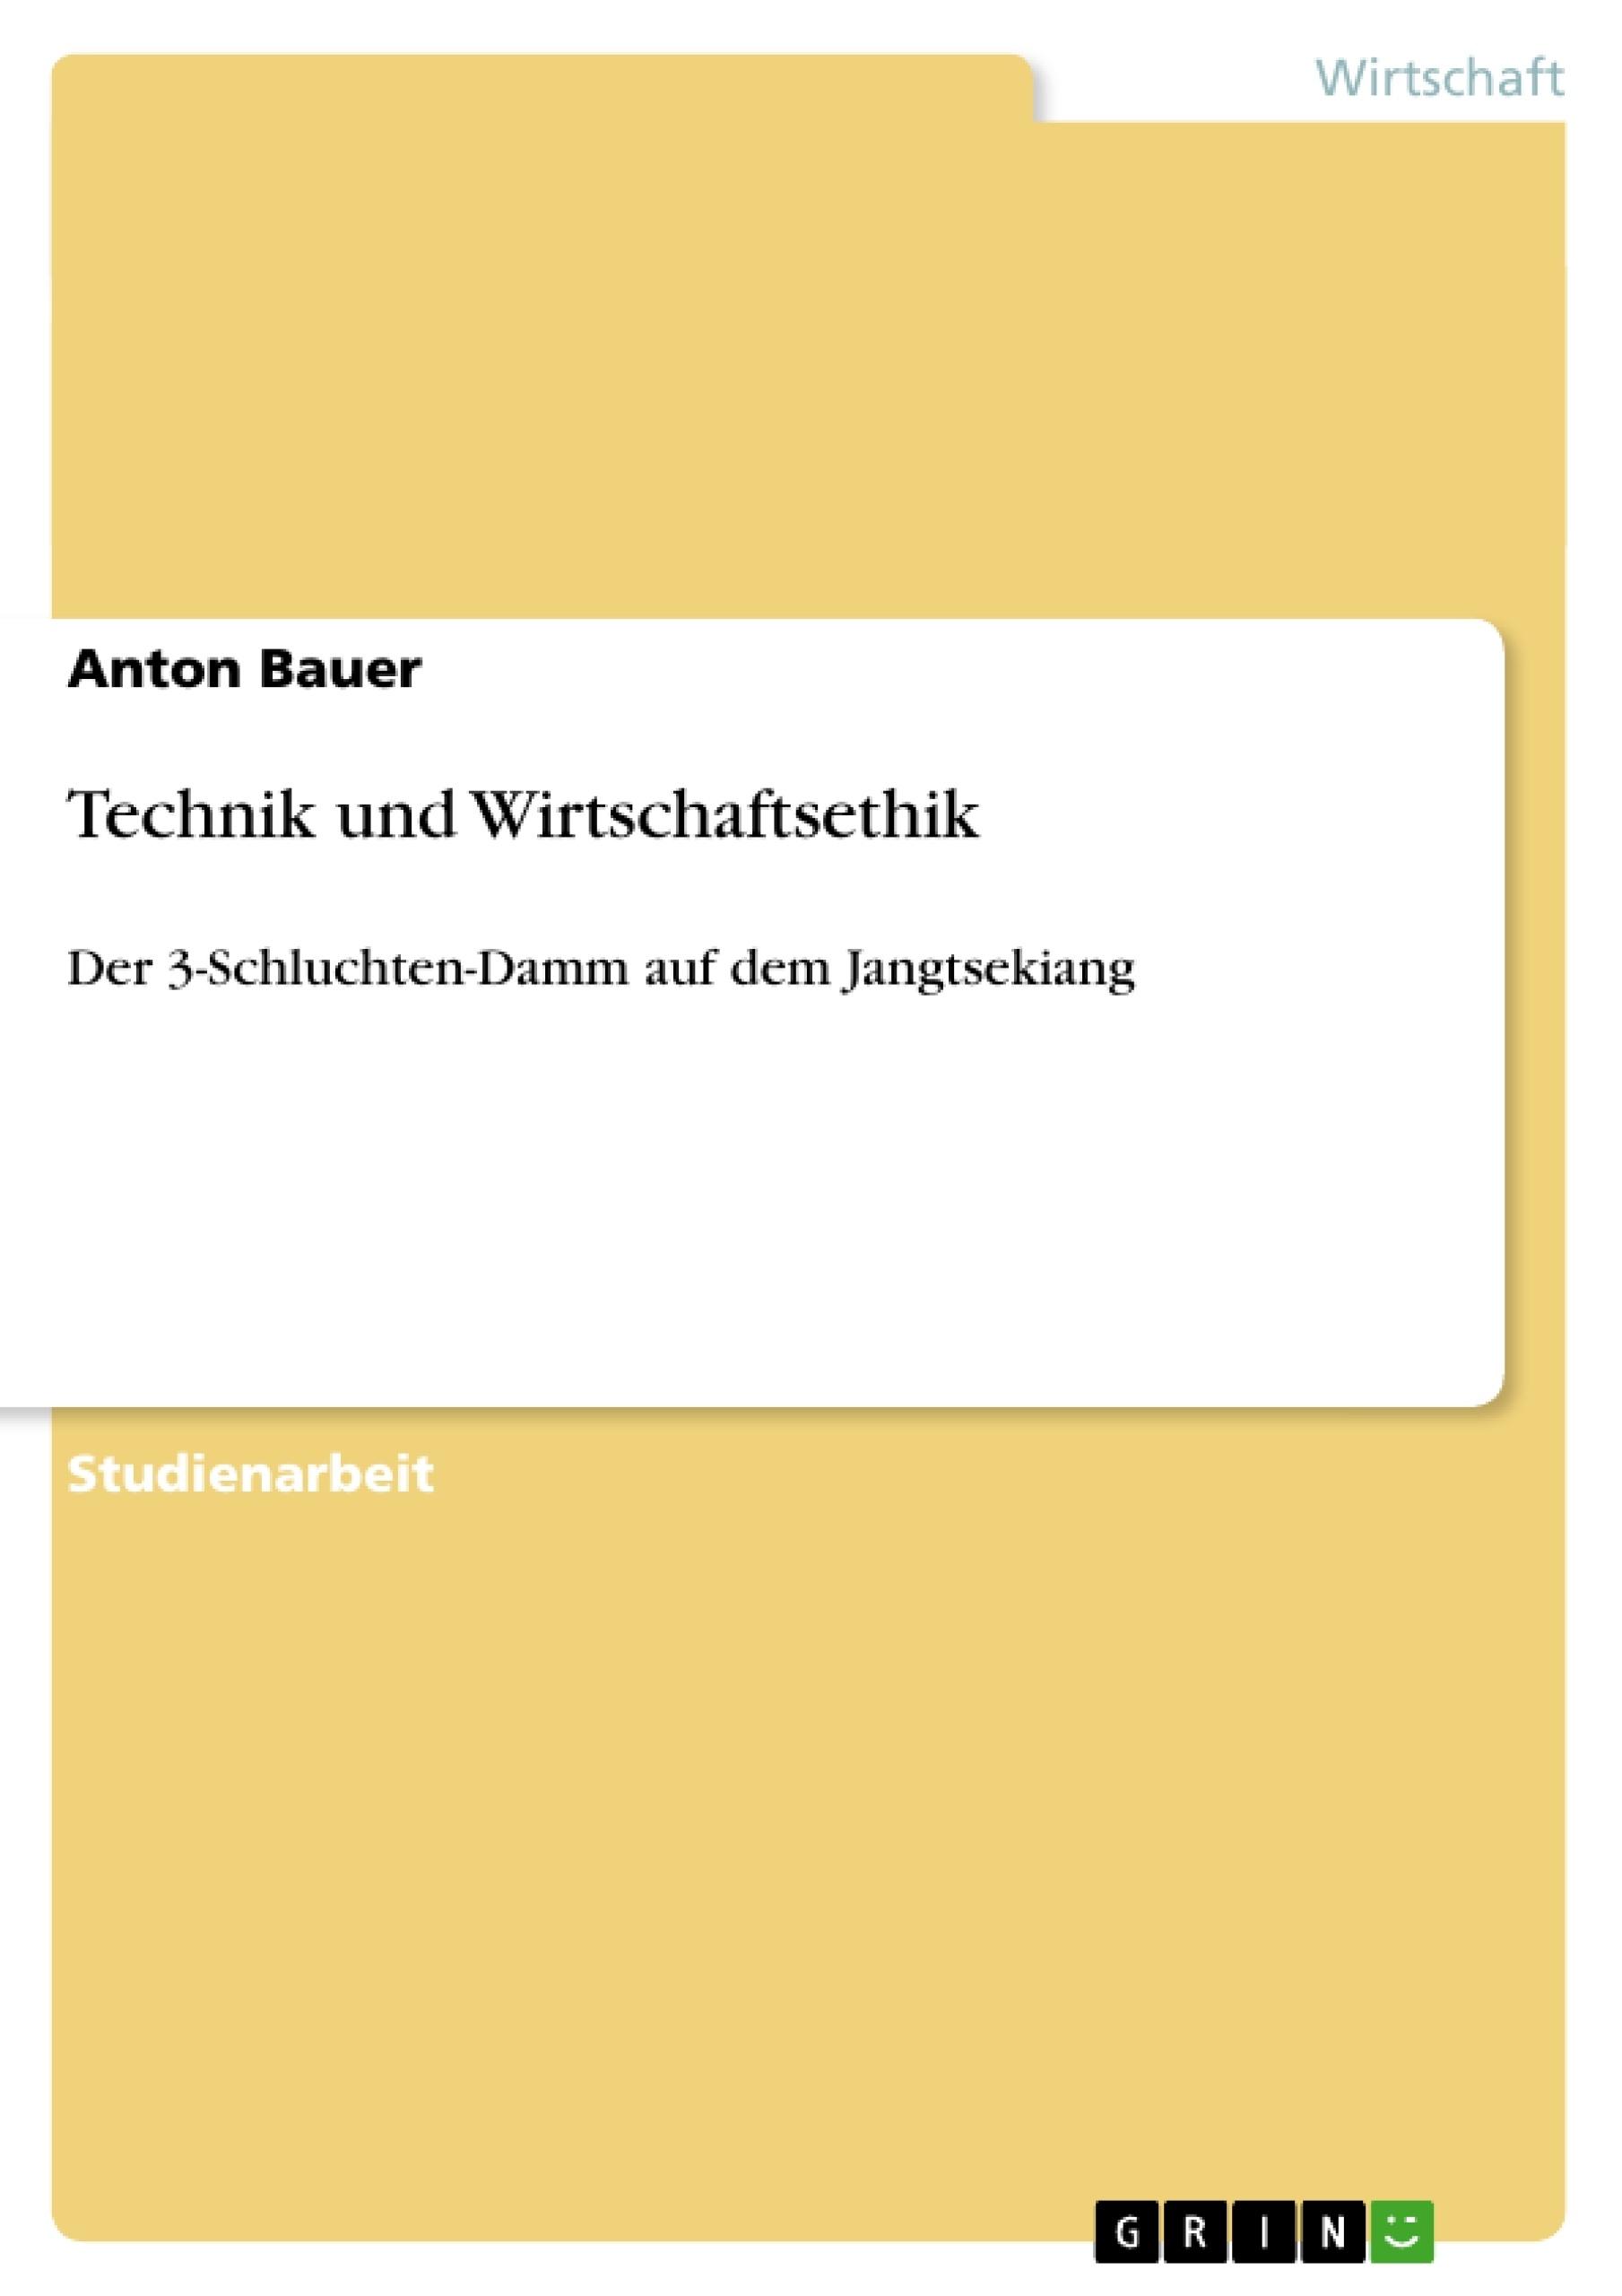 Titel: Technik und Wirtschaftsethik